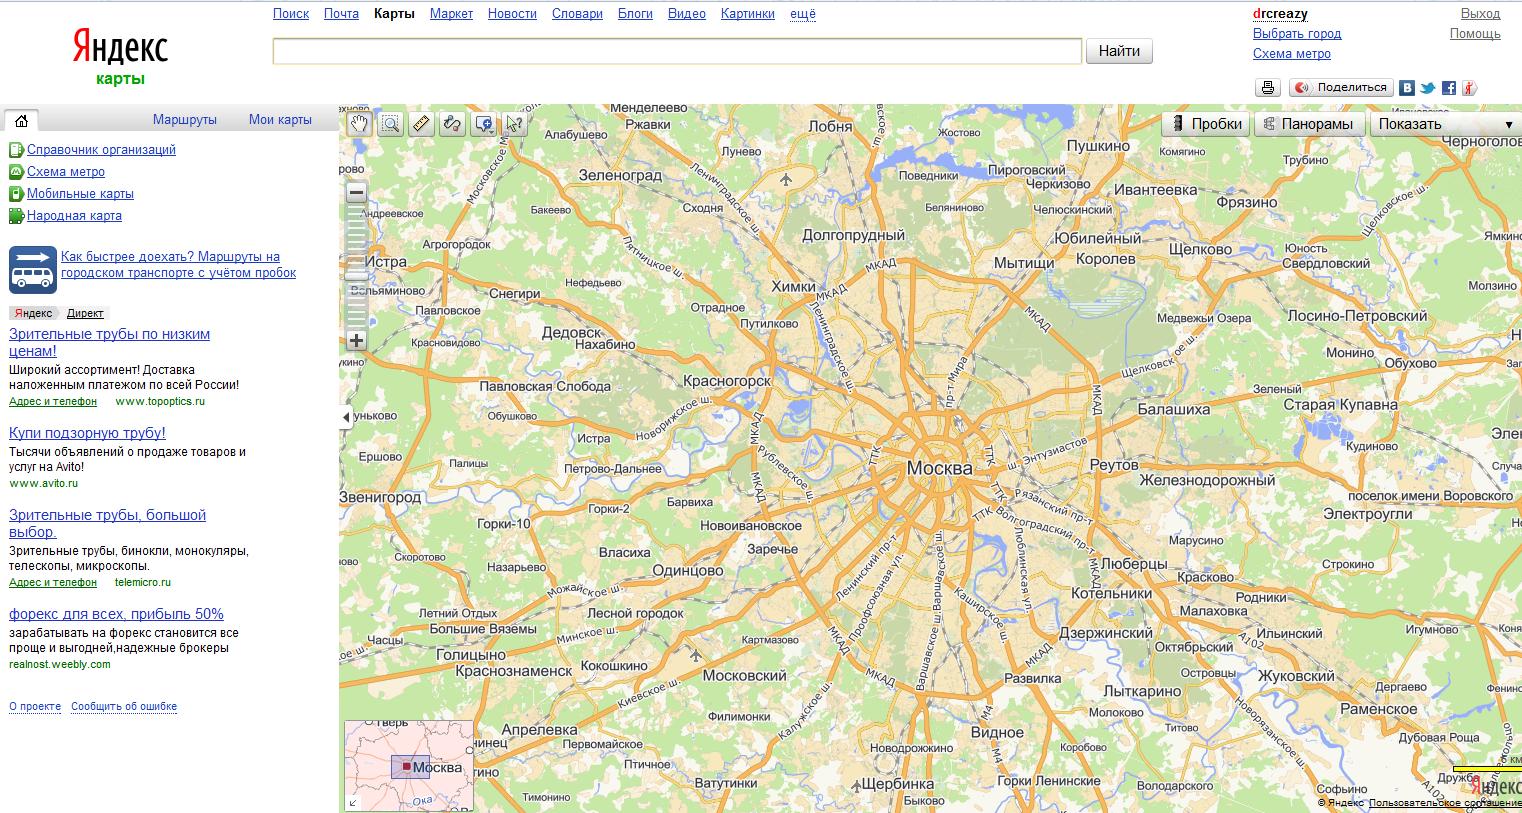 Смотреть на yandex-картах yandex-map